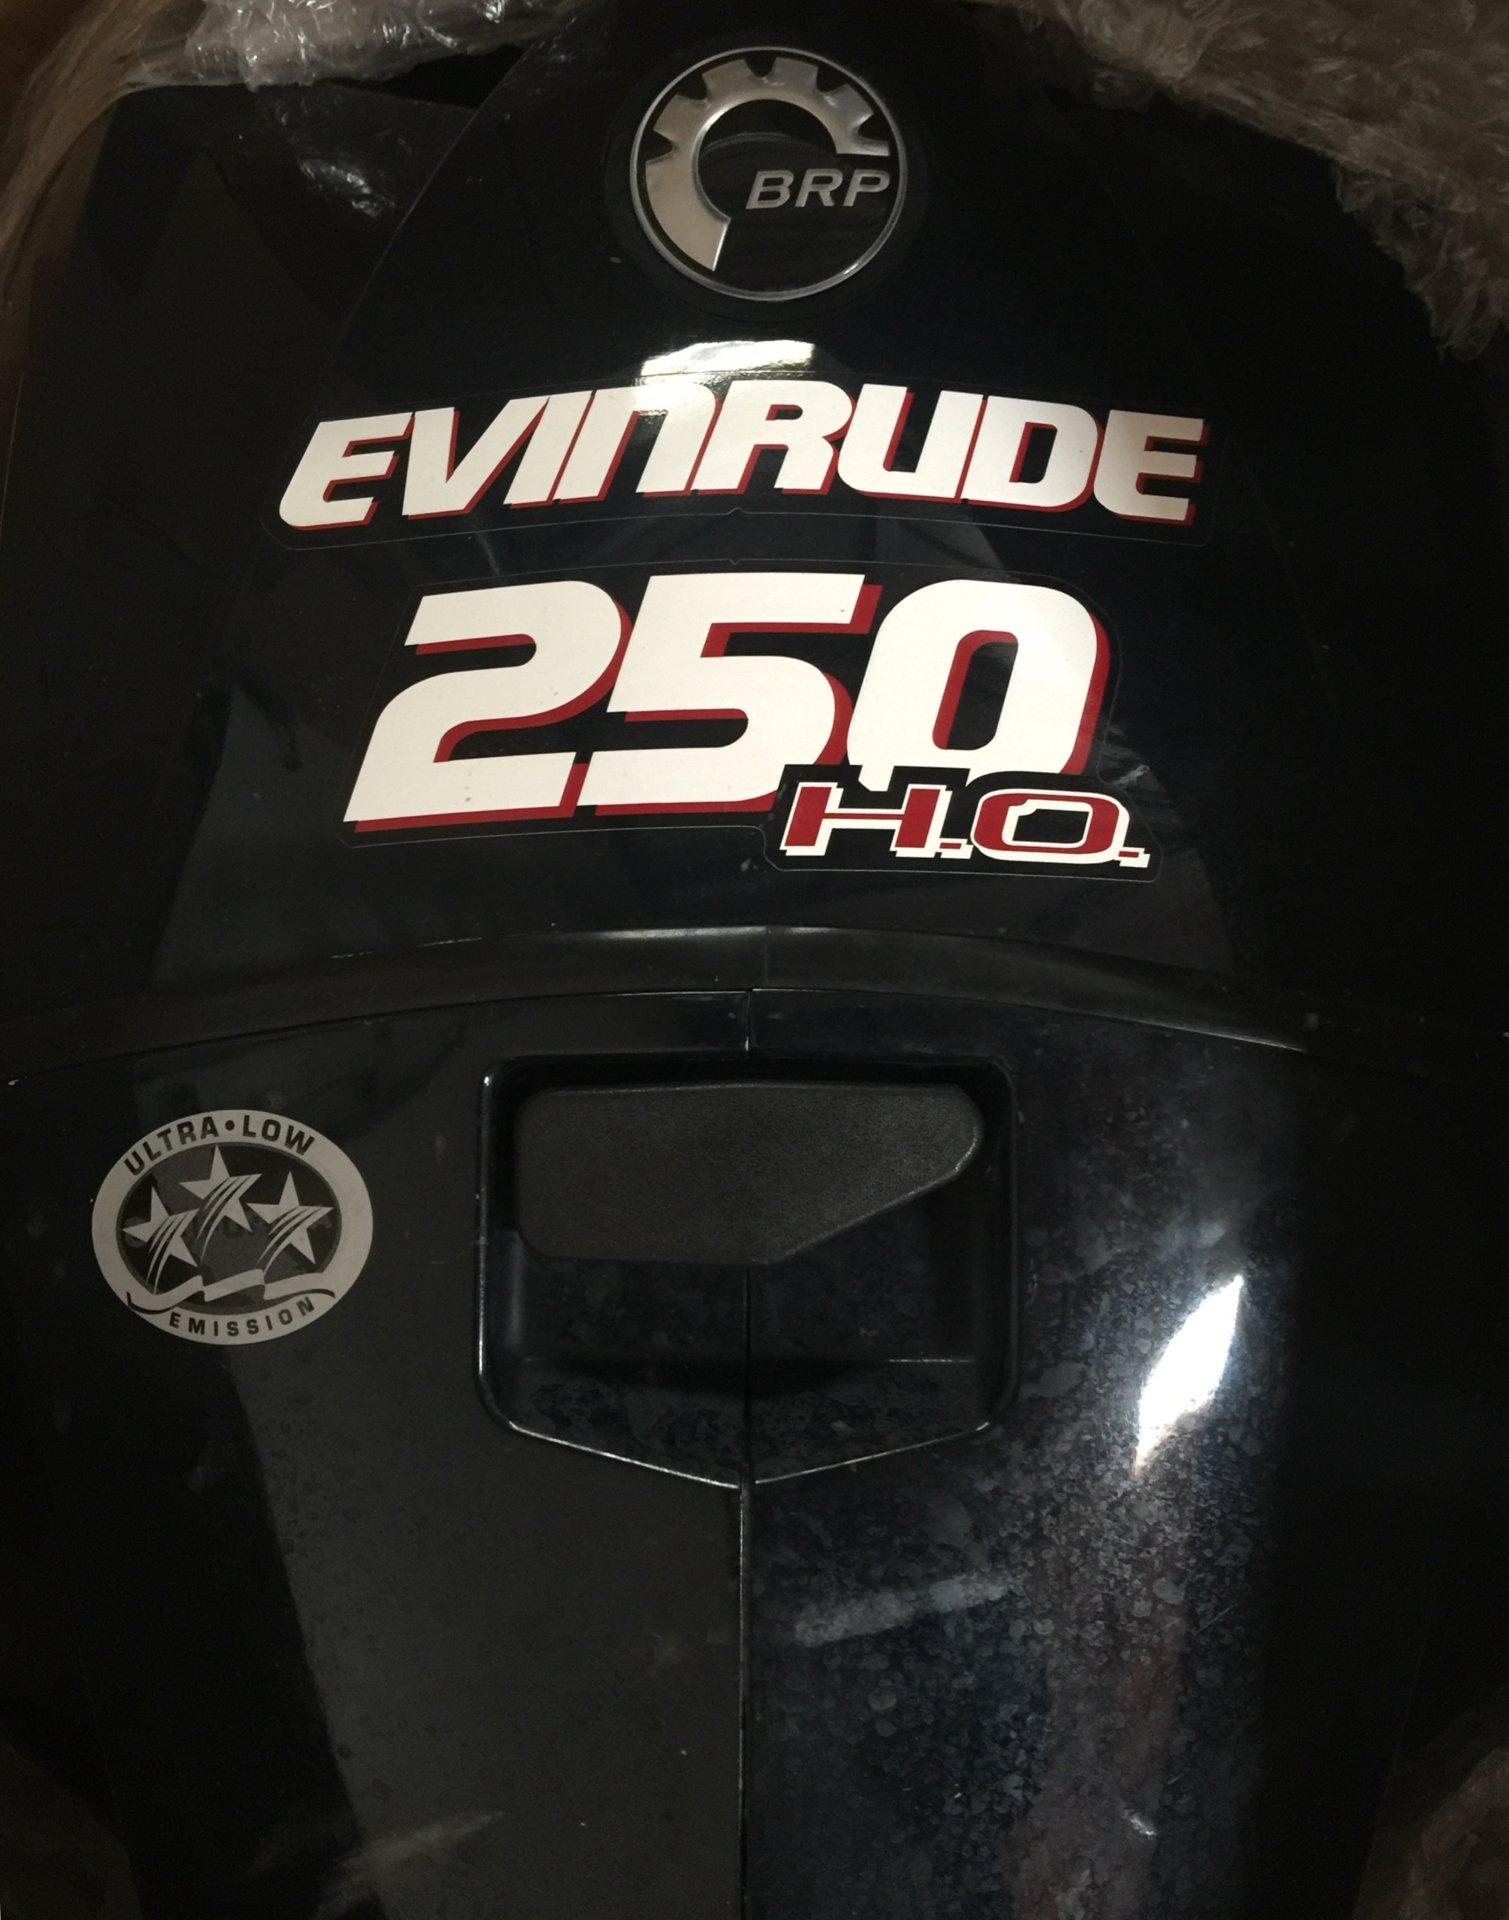 SOLD - 2013 Evinrude E-TEC 250 H O  | Bloodydecks